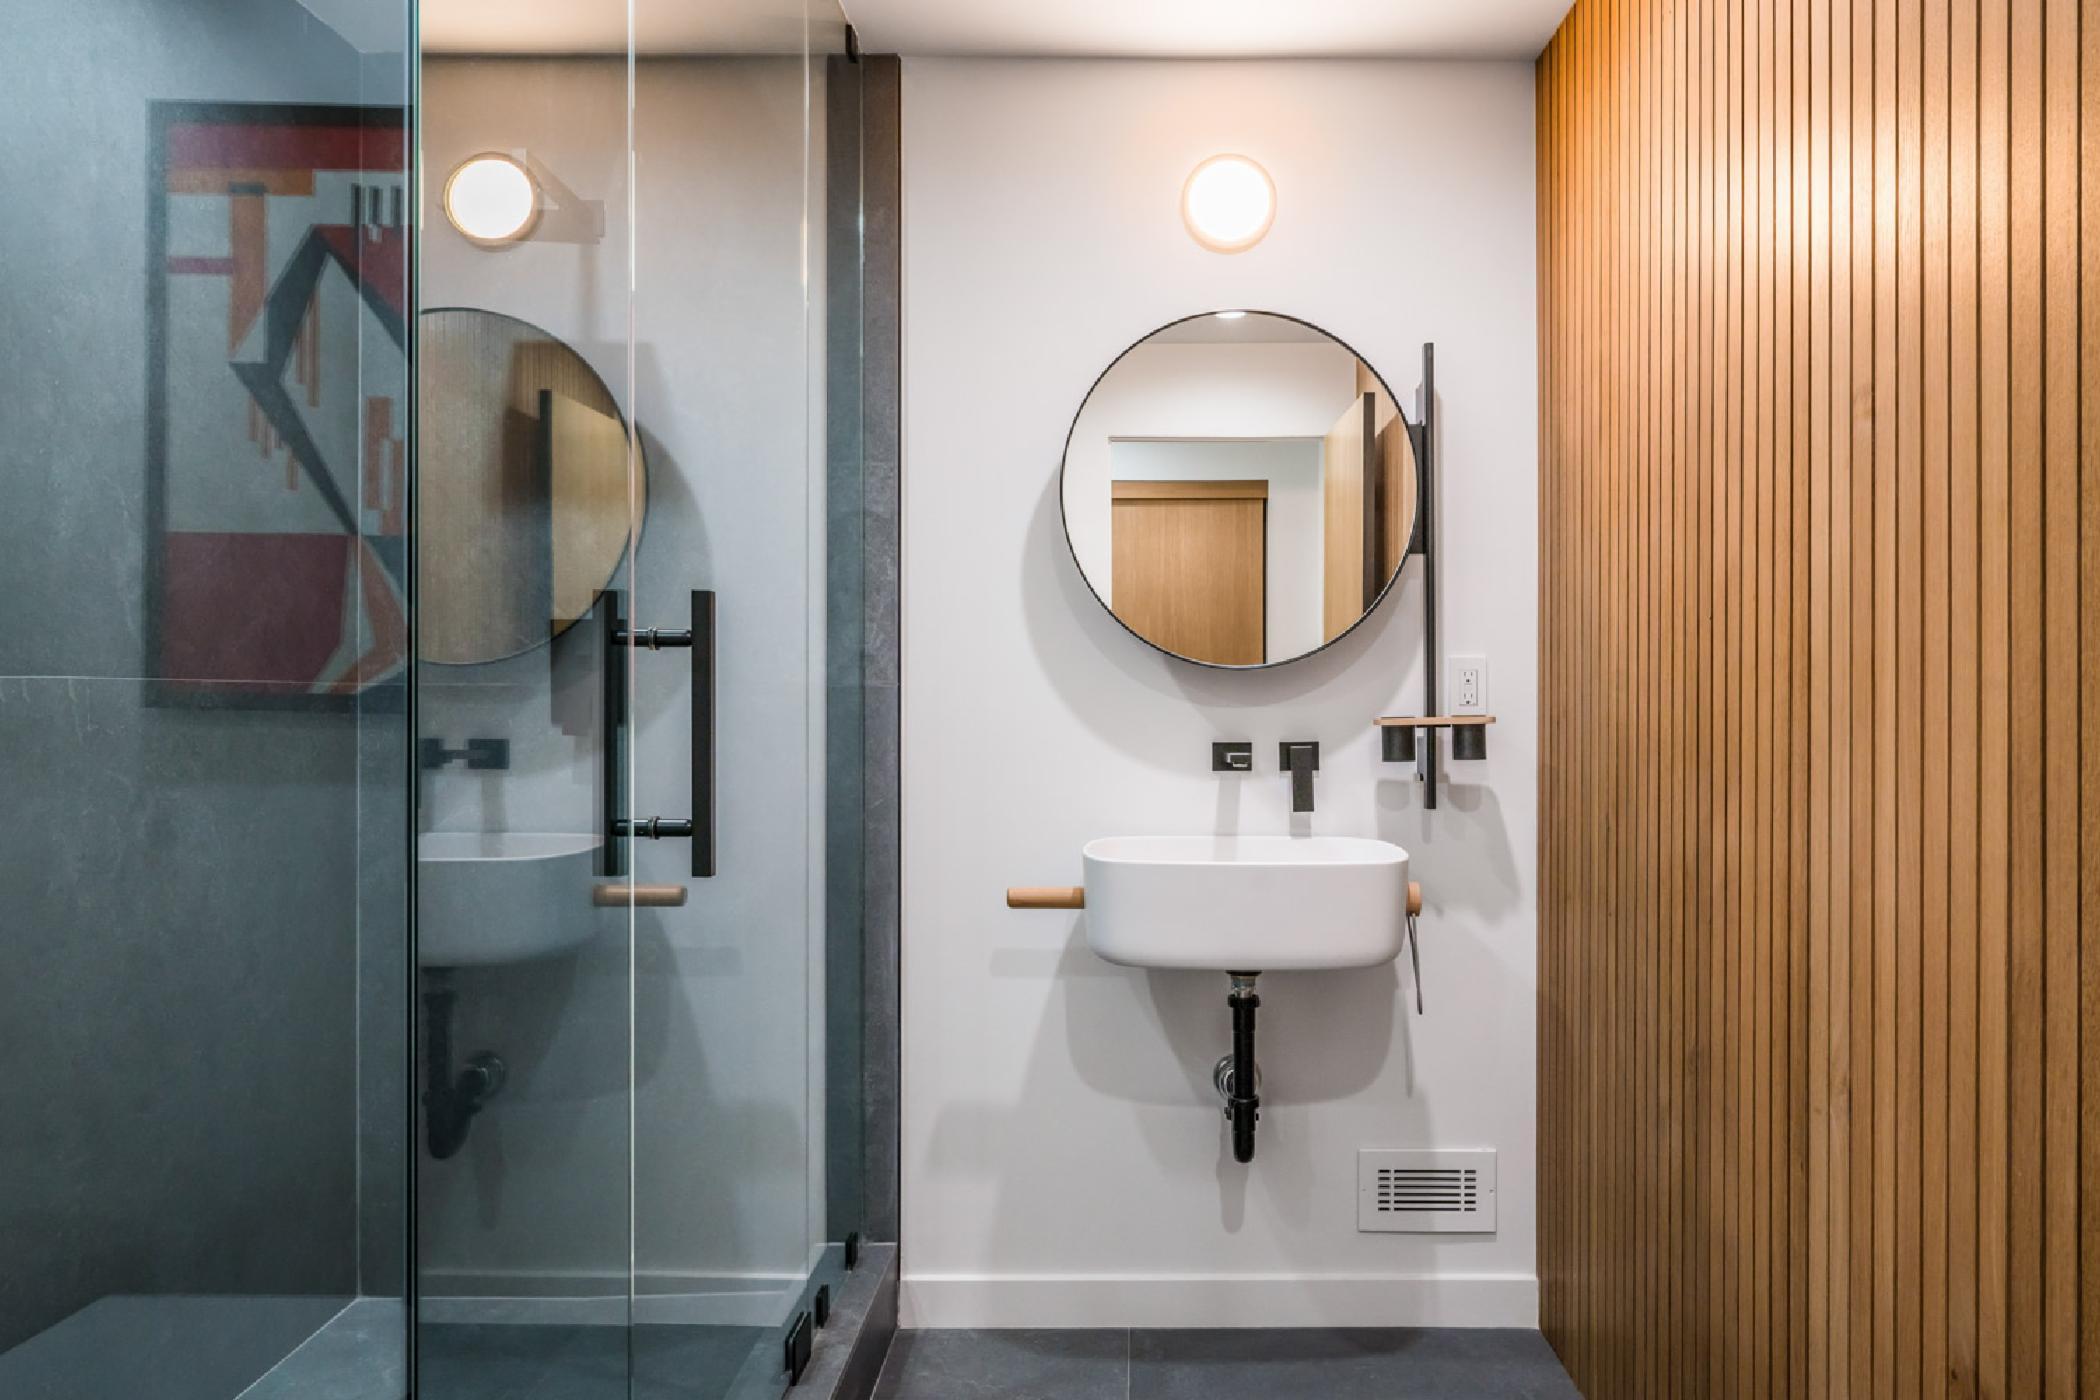 Lowerfloor-3bedroom-Bath.jpg